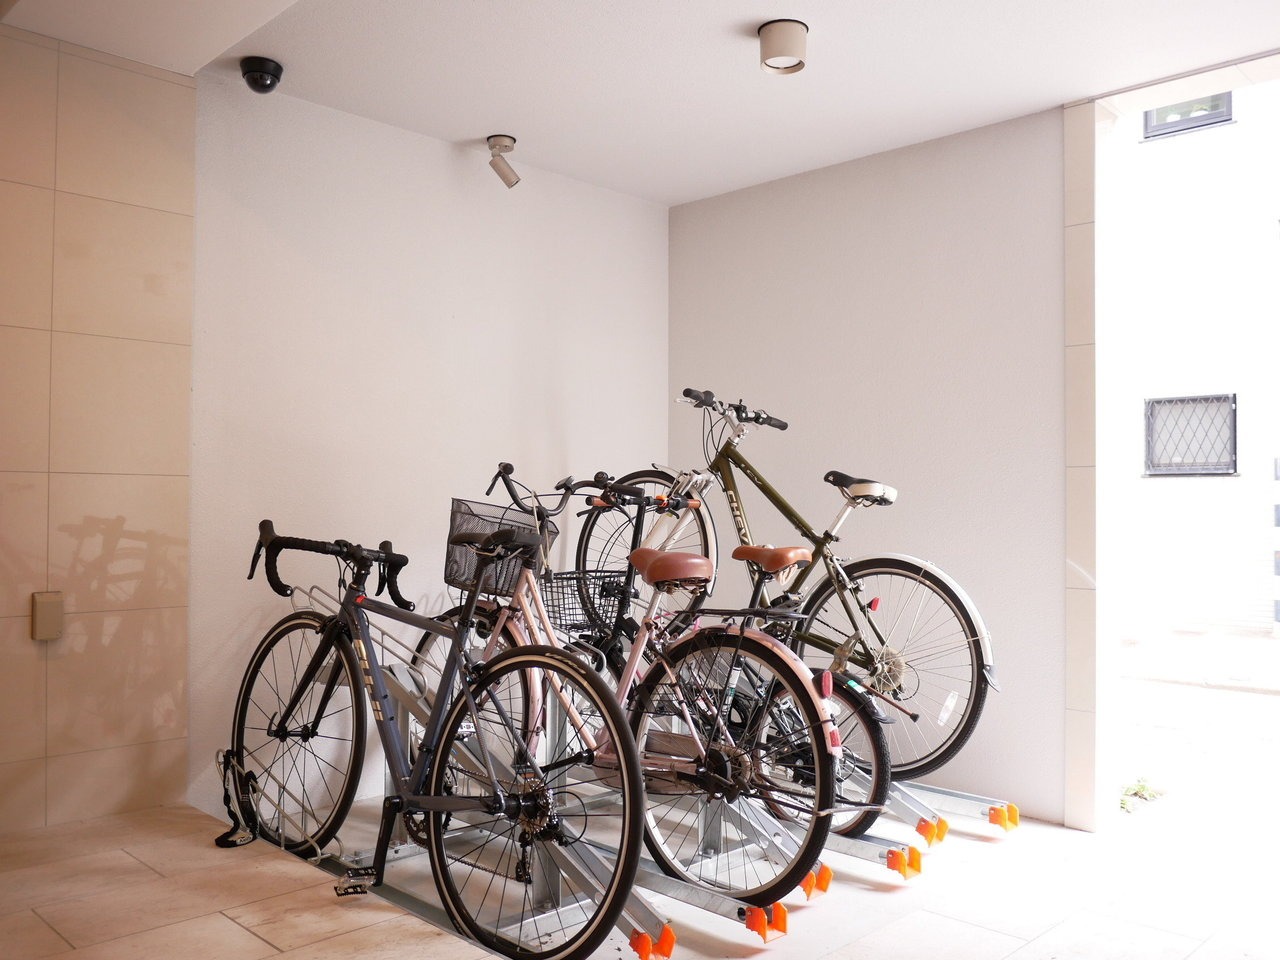 ここなら、職場まで徒歩か自転車通勤、なんて方もでてくるのでは?もちろん駐輪場も完備。